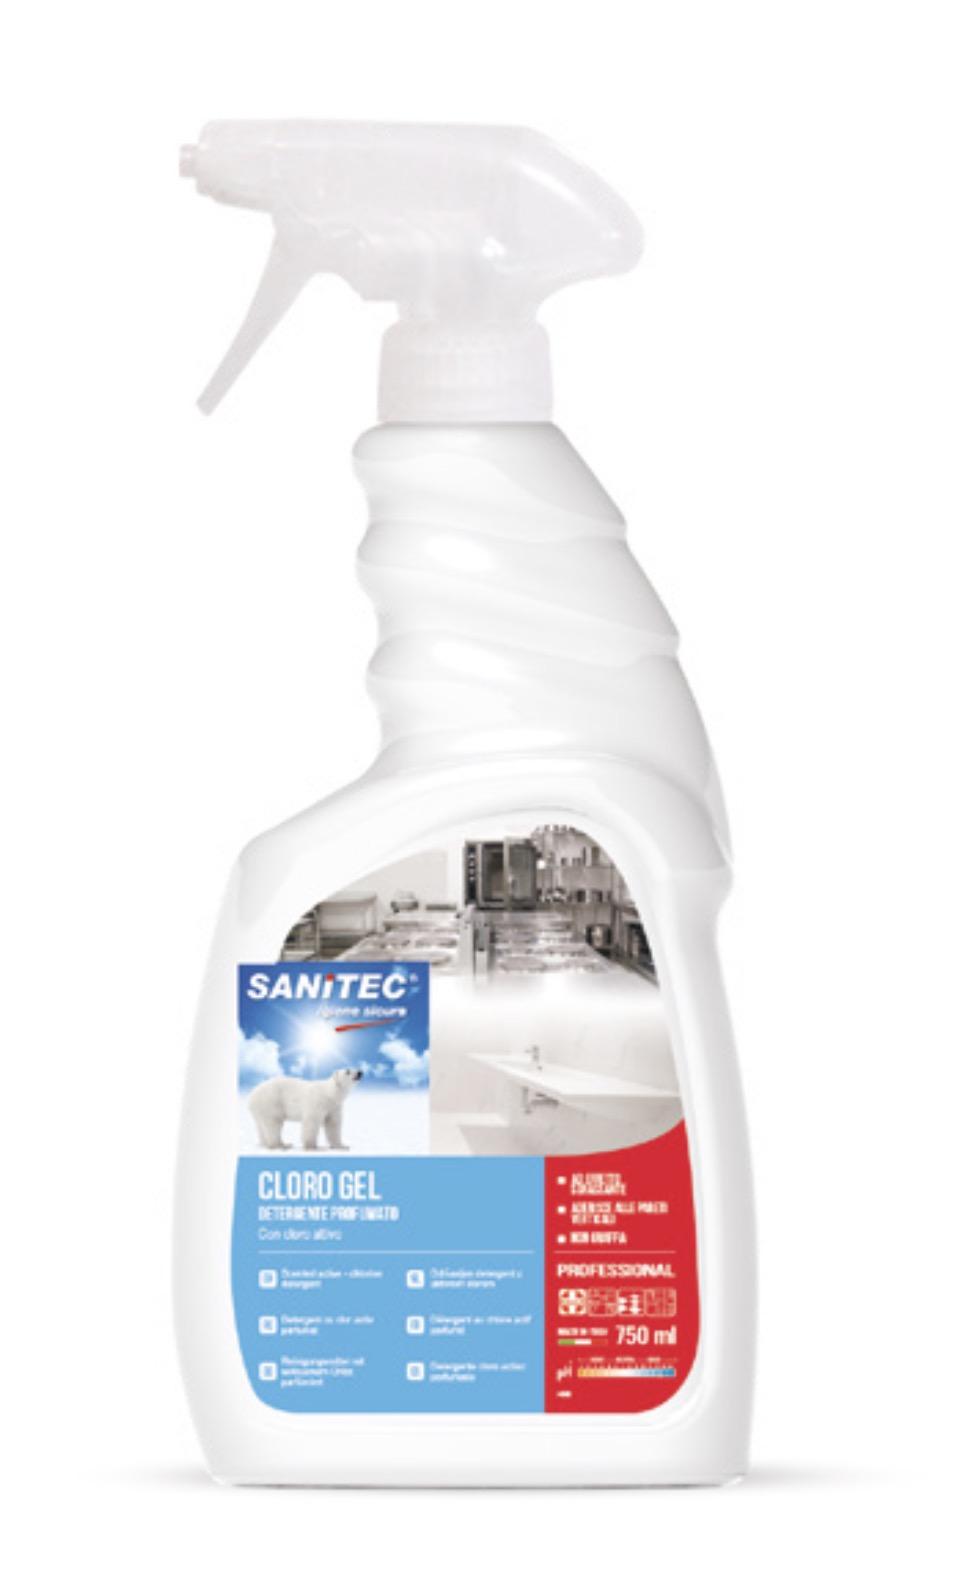 Cloro Gel Detergente Sgrassante,Igienizzante Profumato Con Cloro Sanitec 750ml